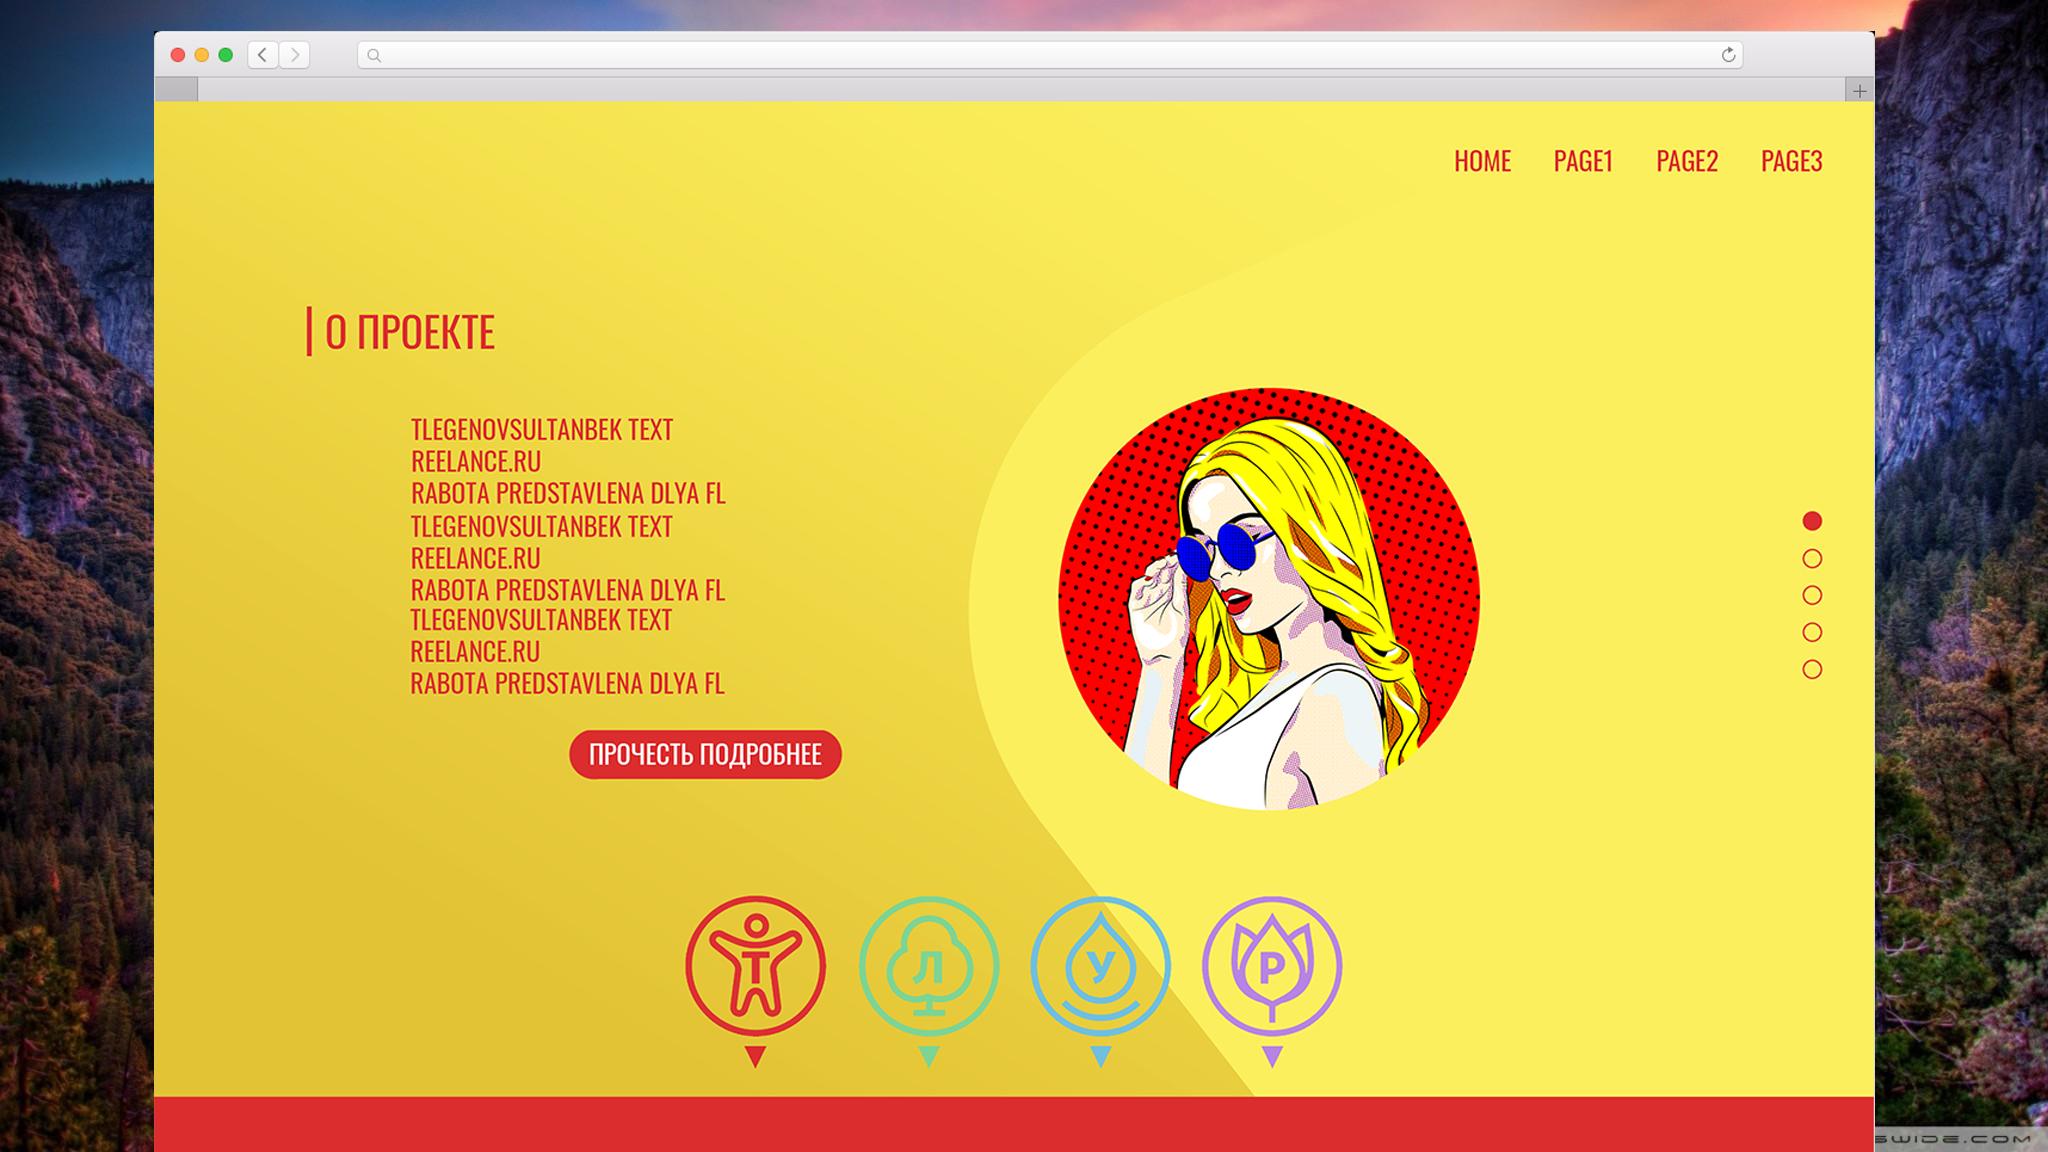 Креативный дизайн внутренней страницы портала для детей фото f_3305cfaad1b3b5eb.png